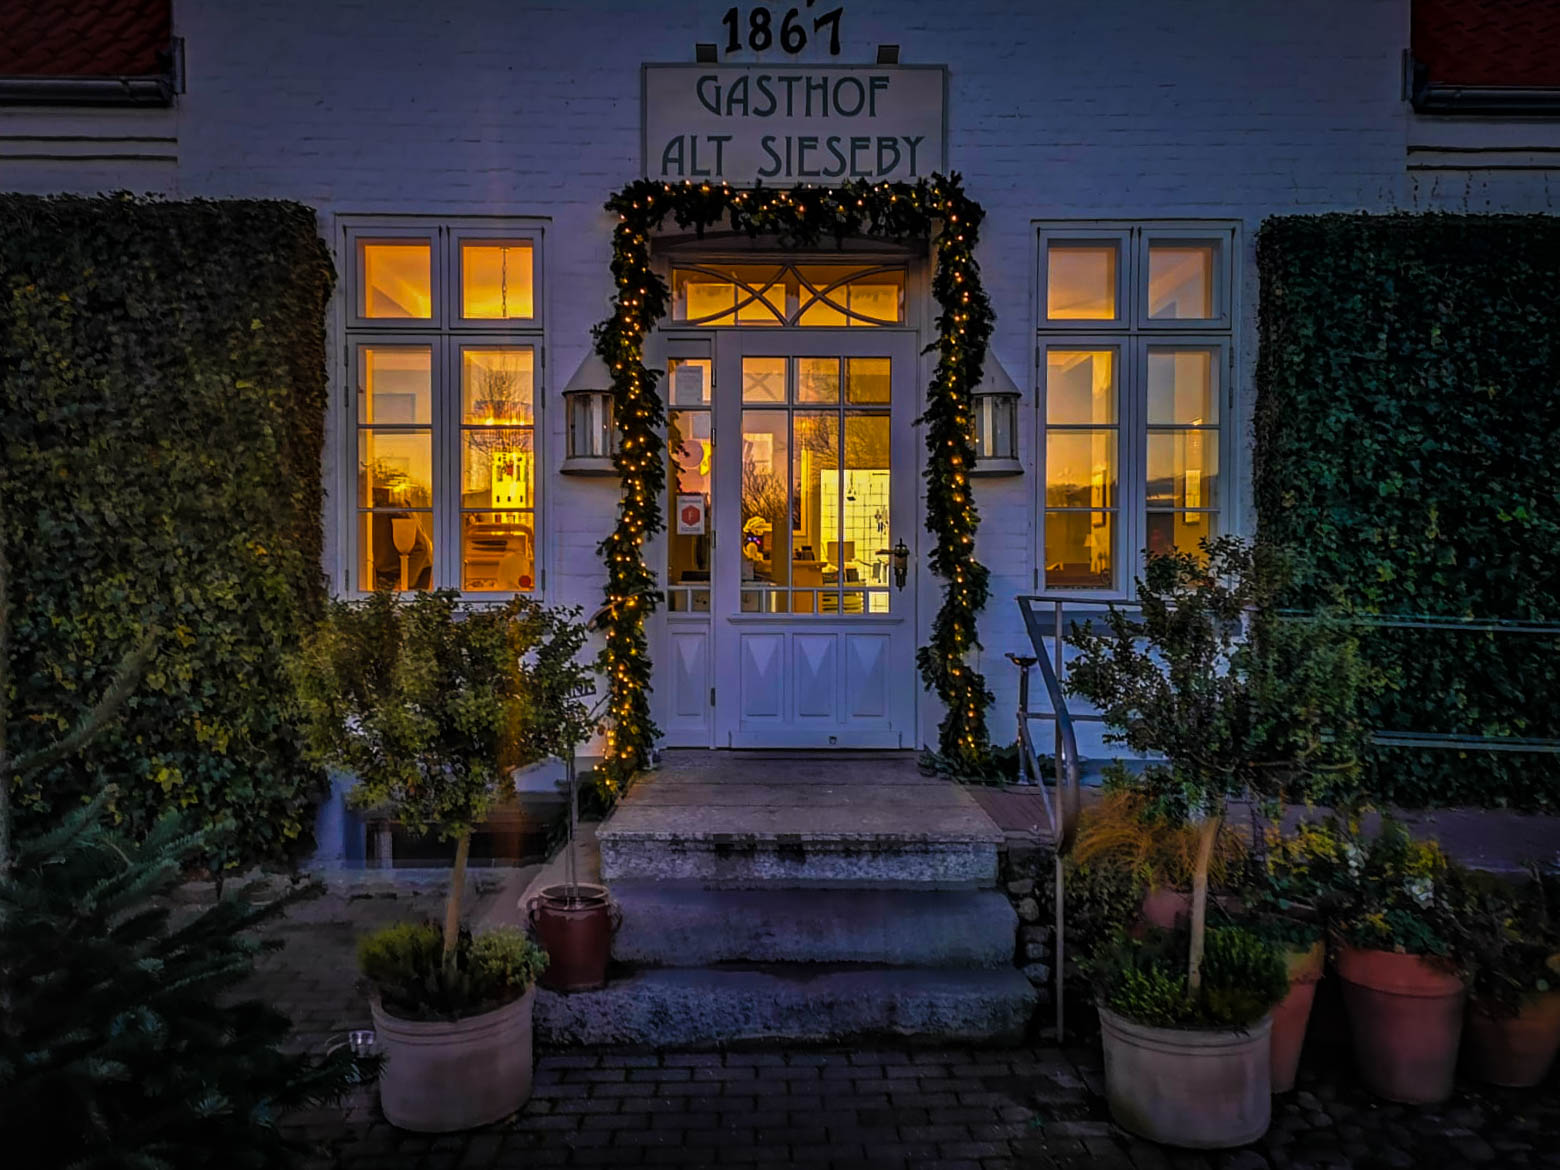 Gasthof Alt Sieseby zur Weihnachtszeit